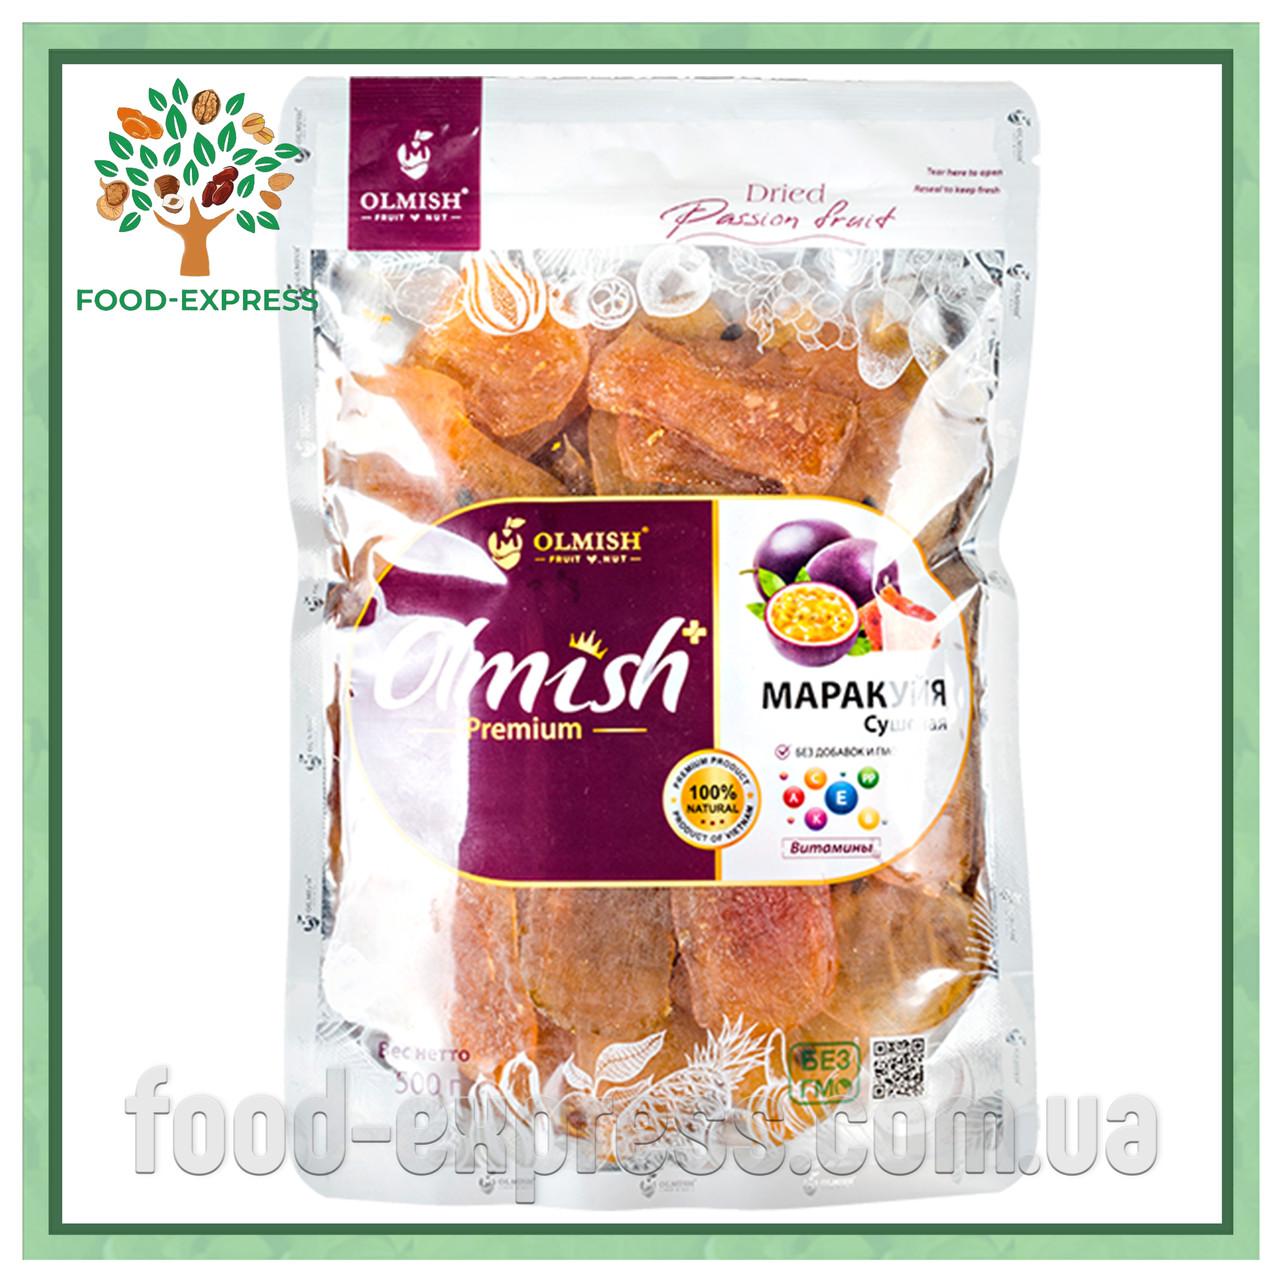 Olmish Маракуйя сушеная Premium натуральный без сахара, 500 г.